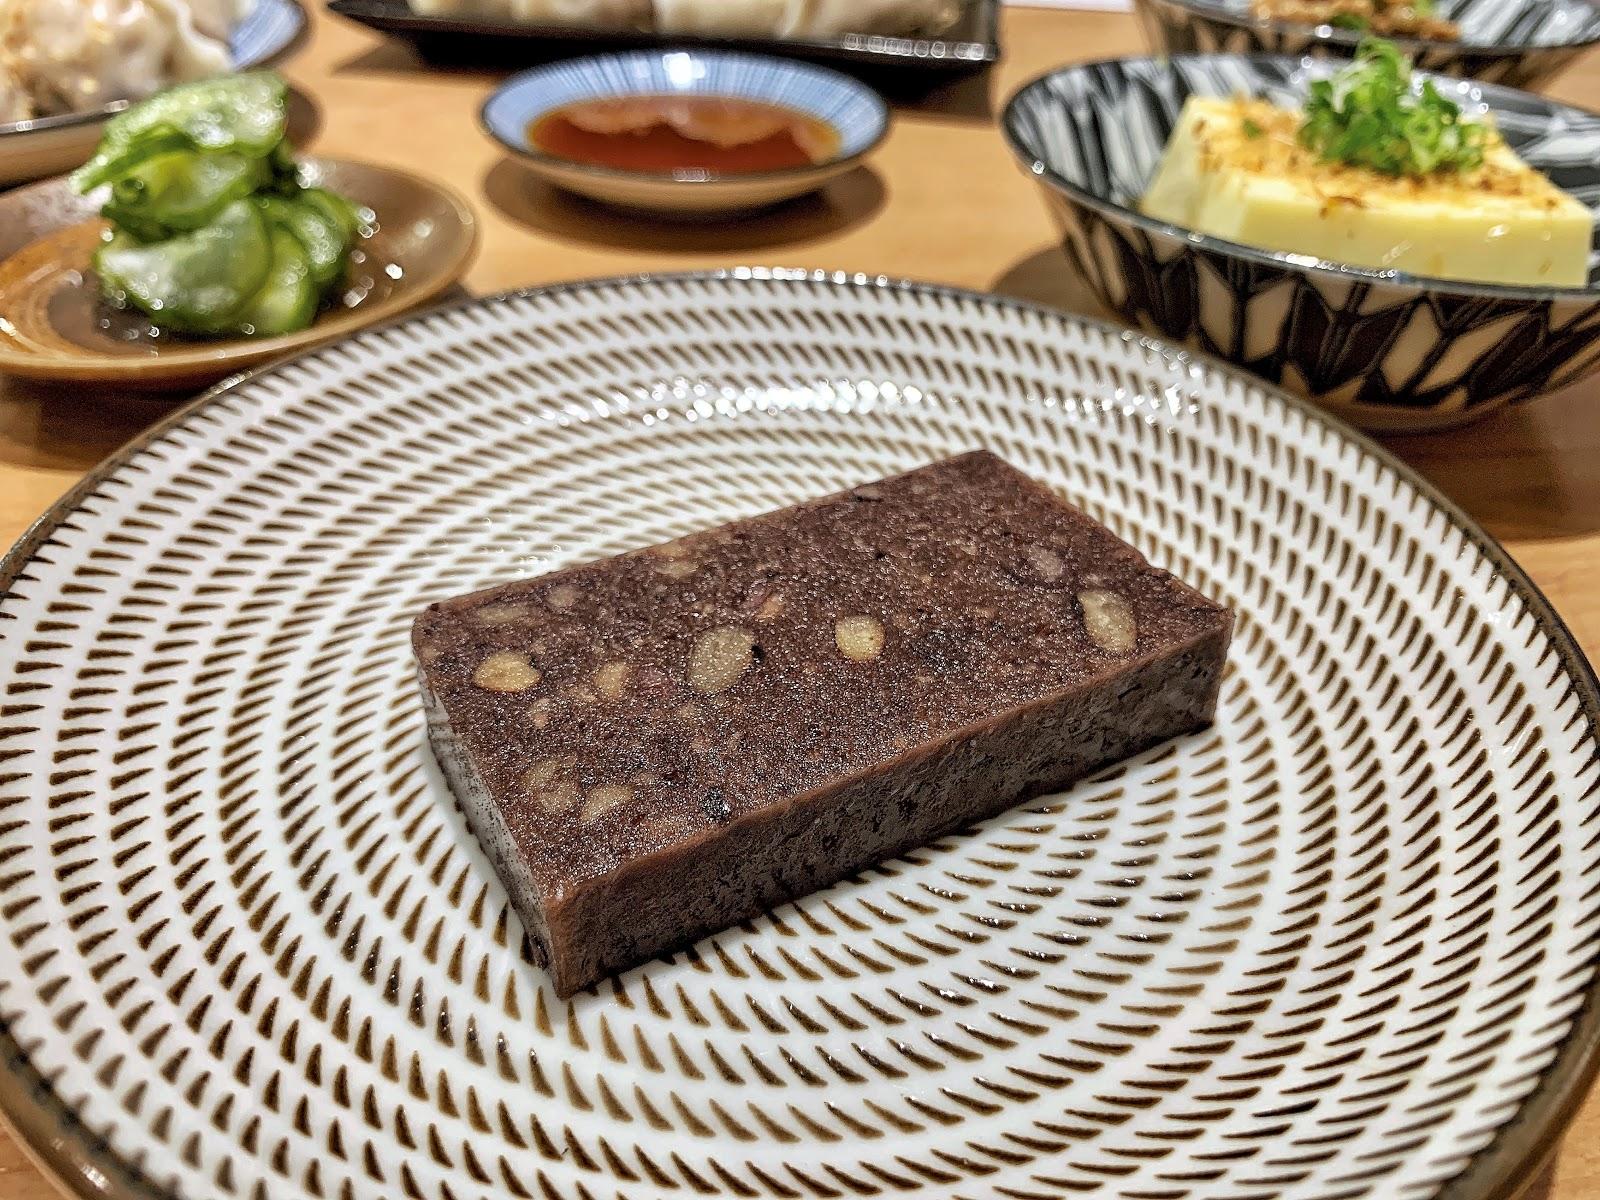 台南南區美食【胡攪蝦餃 金華店】蜂蜜紅豆羊羹